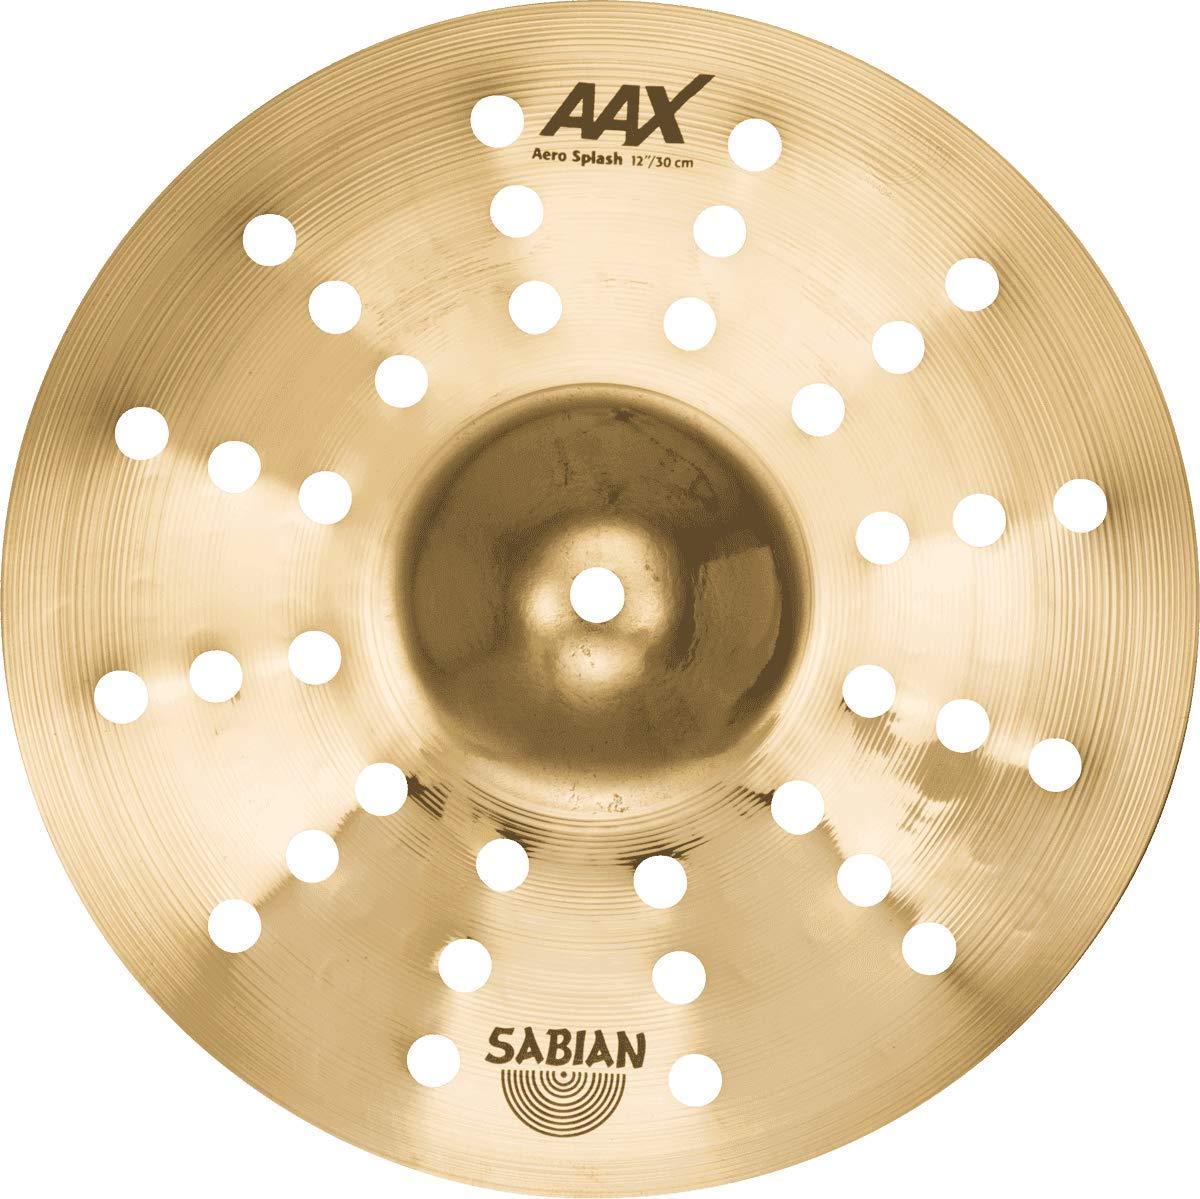 Sabian 12'' AAX Aero Splash Brilliant (212XACB) by Sabian